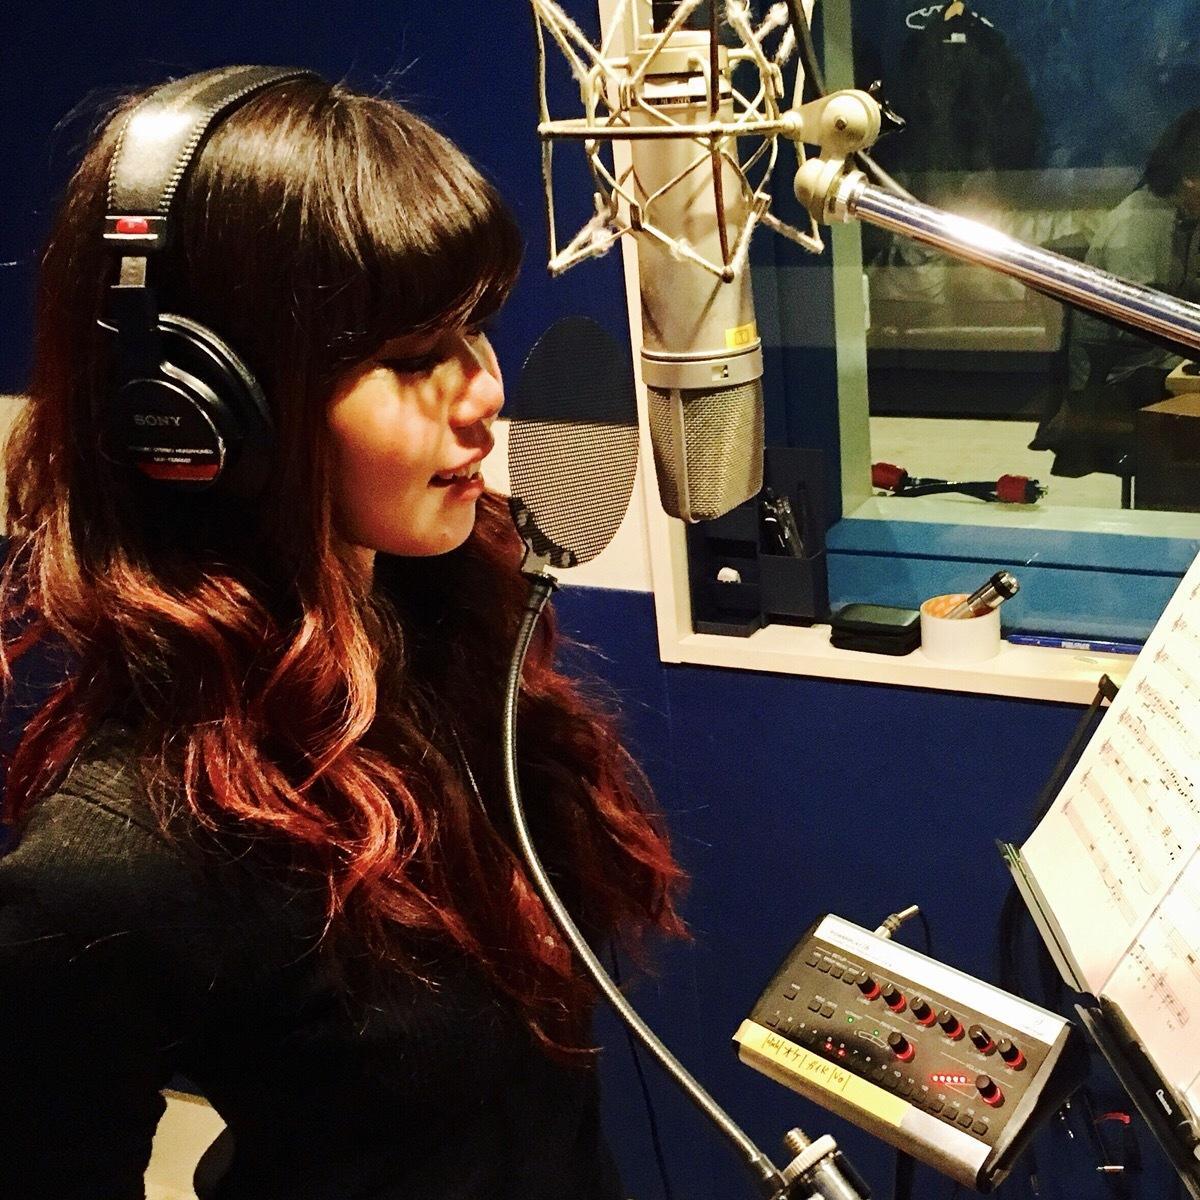 英語楽曲も可能!商用利用楽曲の女性用本歌を歌います 全国TV・CM曲等多数経験有!案件に合った歌声をご提供します